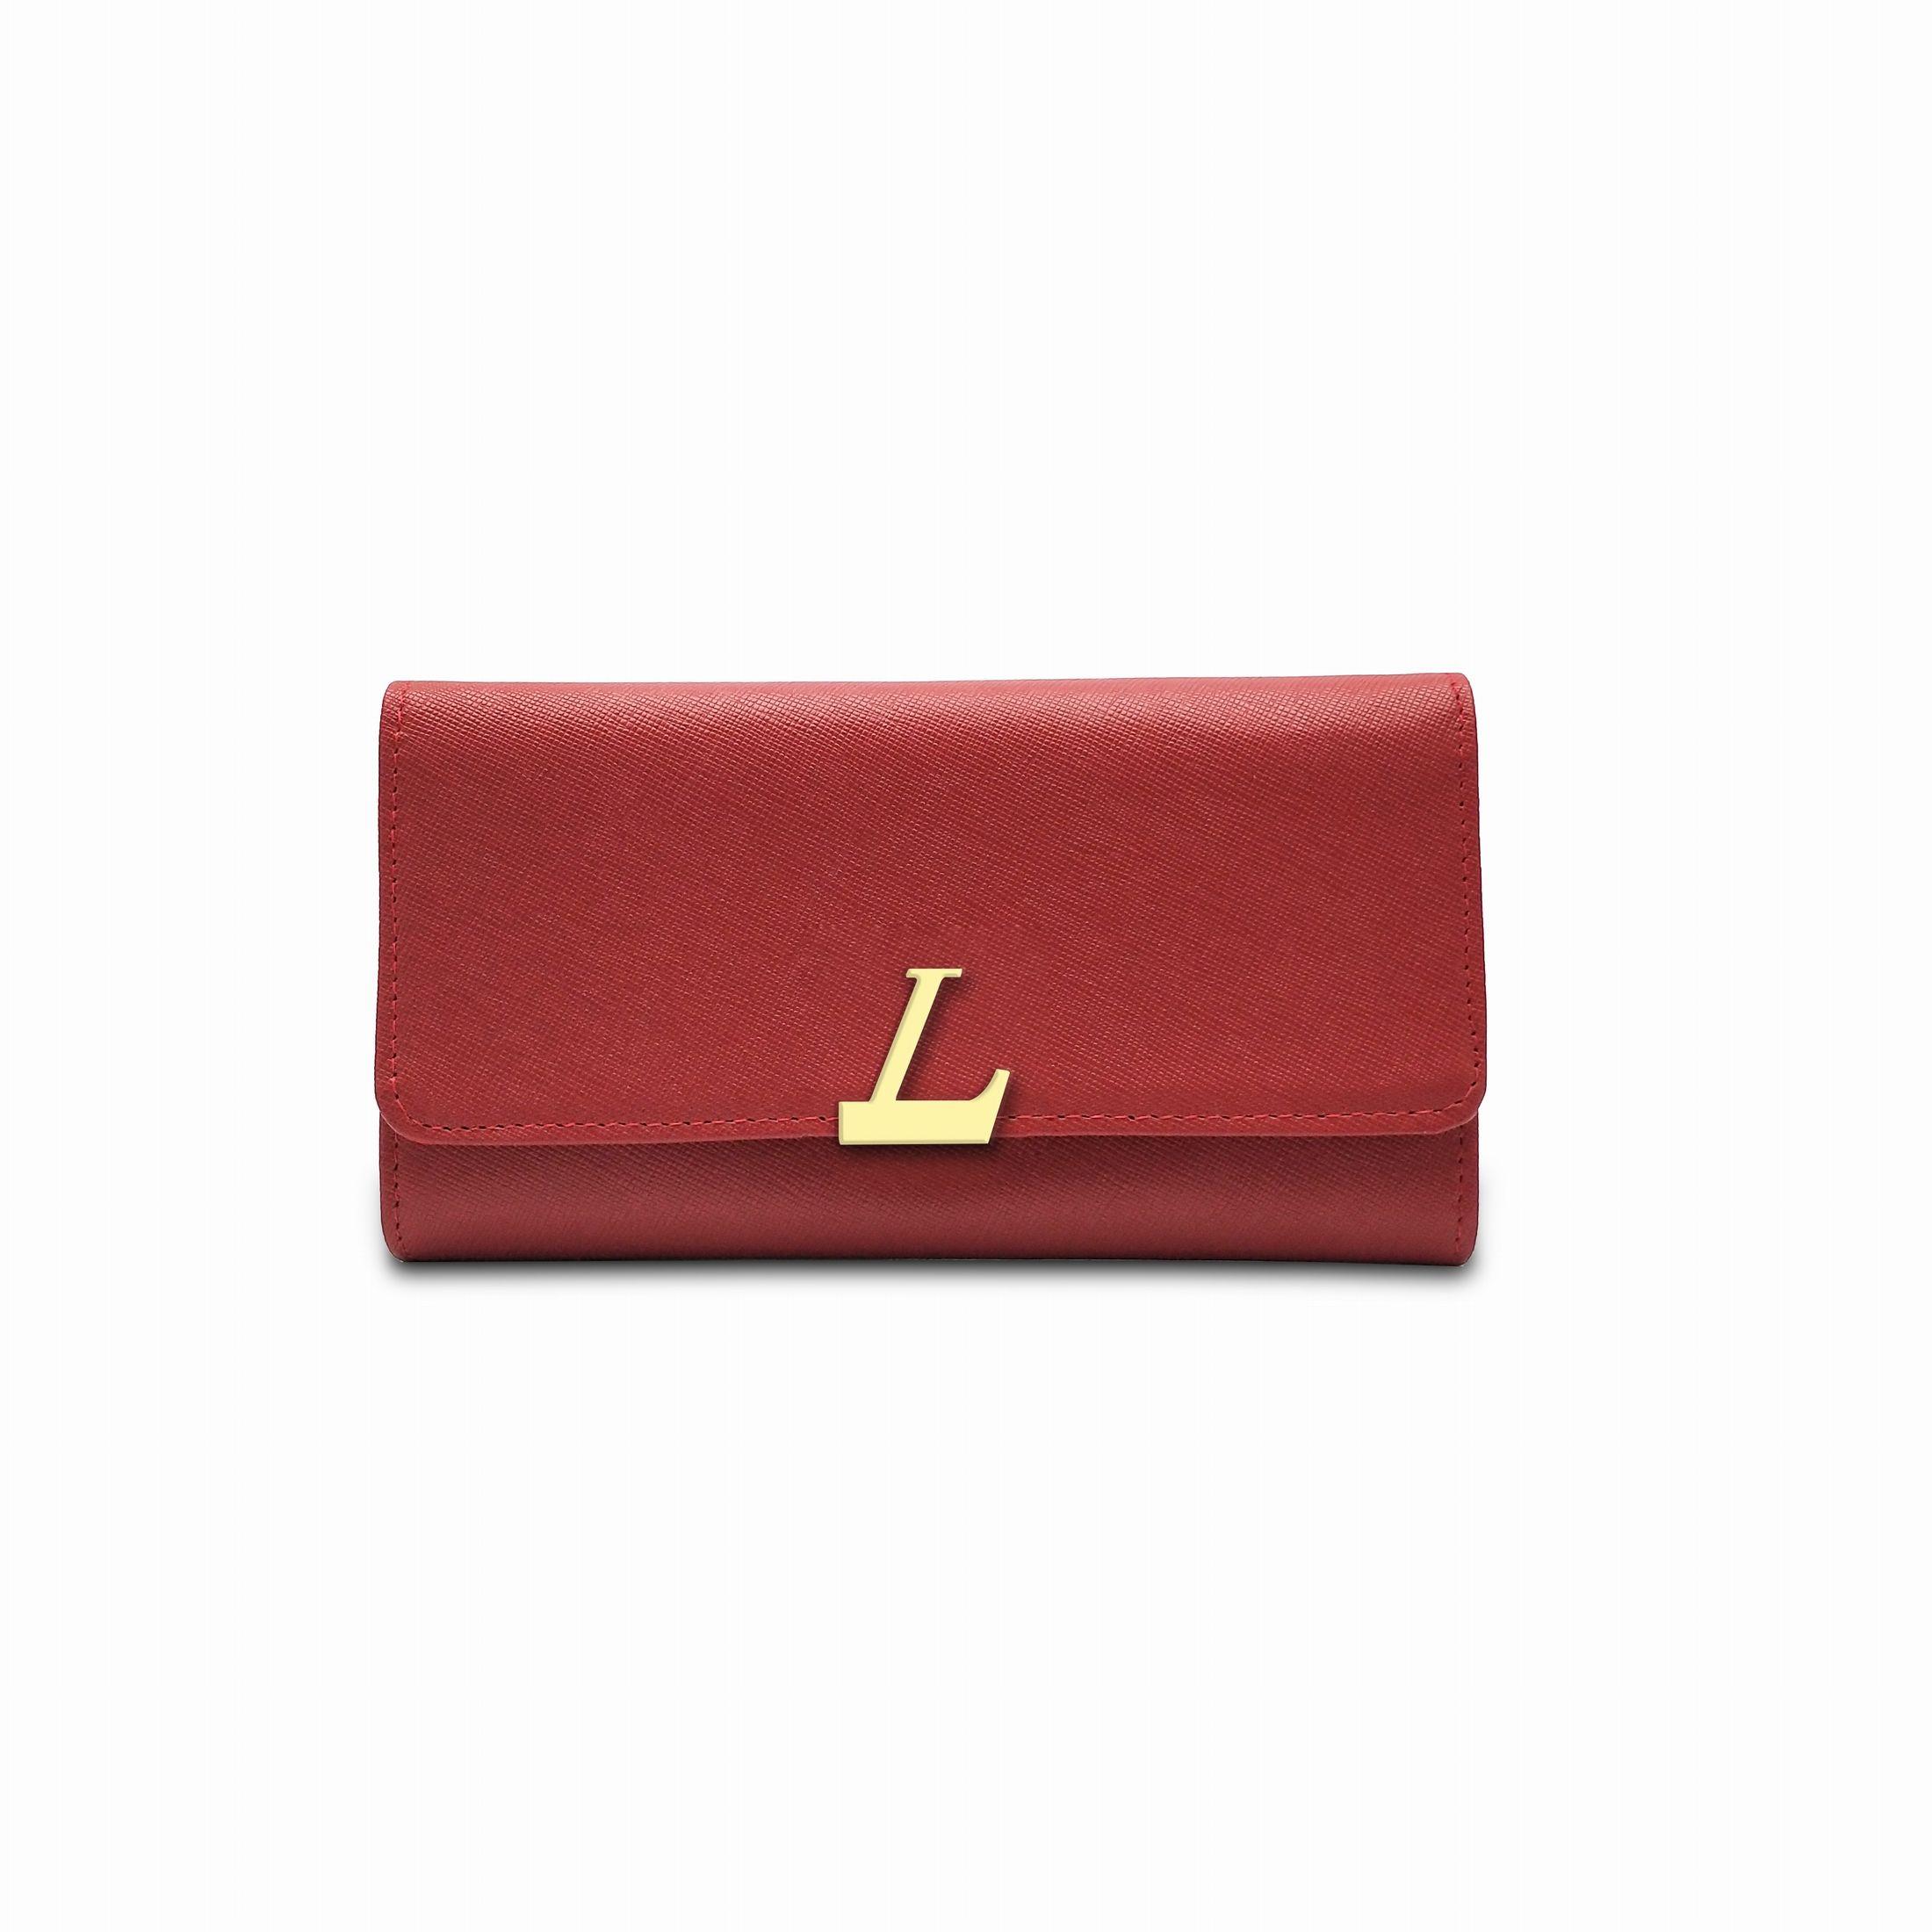 Les femmes portefeuille ce portefeuille élégant en 2 repliable volets vous donne beaucoup d'espace pour les cartes de crédit, pièces et billets. expédition avec la boîte